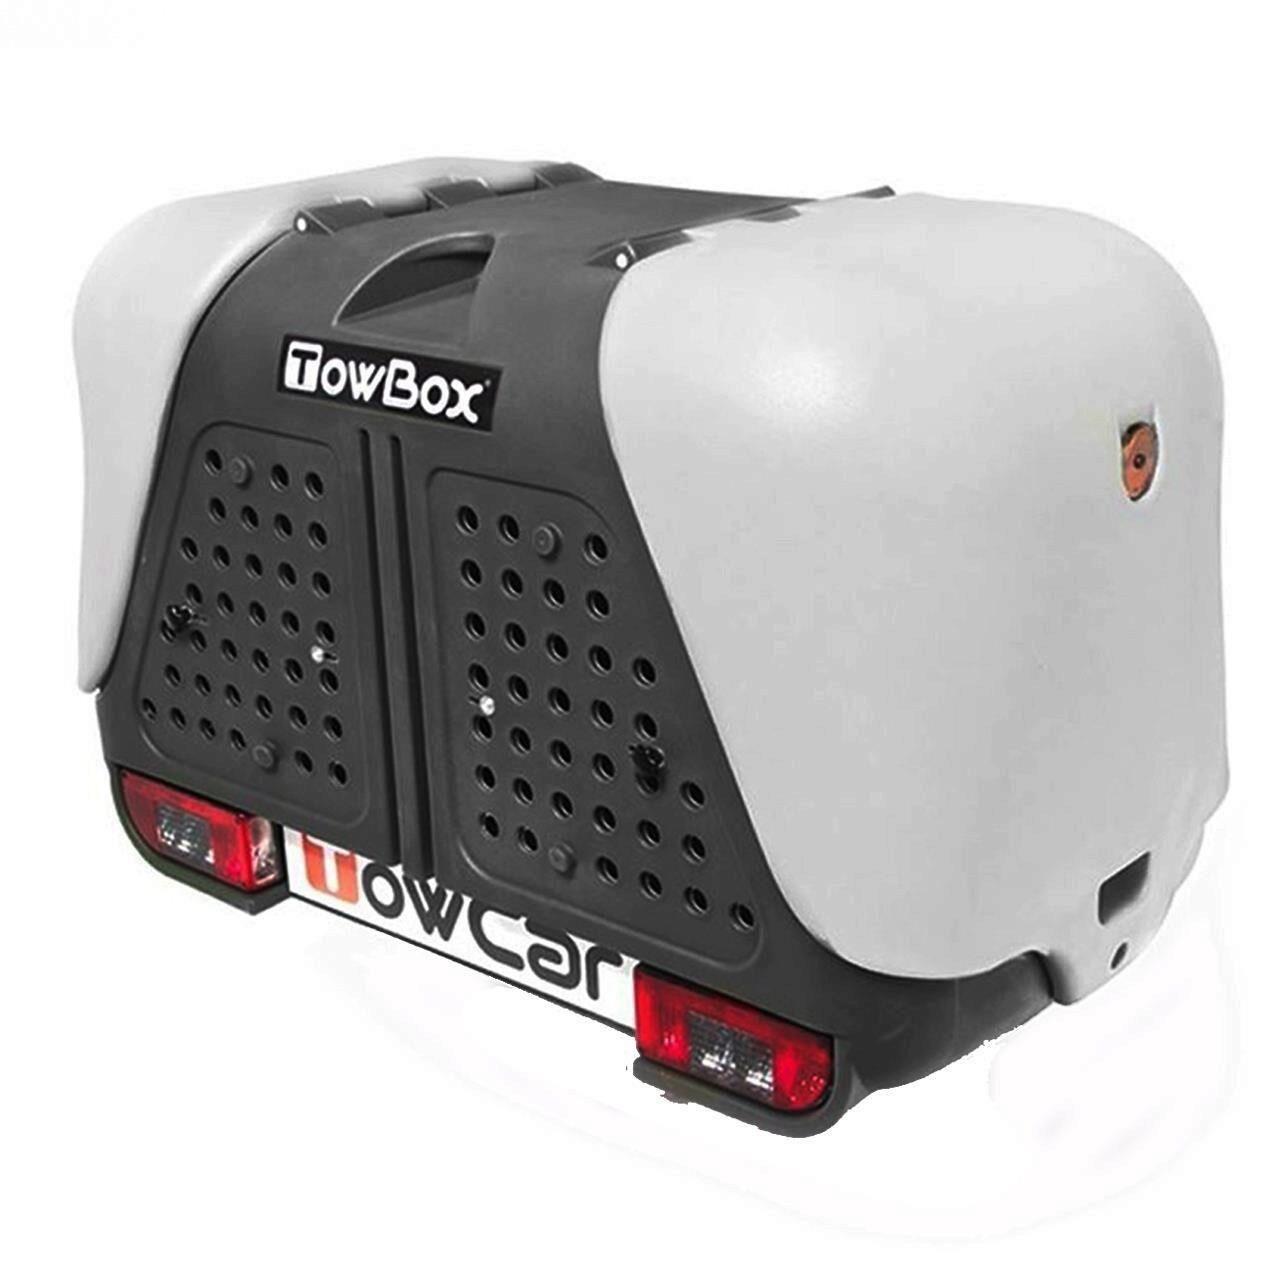 Cutie portbagaj pe carligul de remorcare Towbox V2 DOG Gri